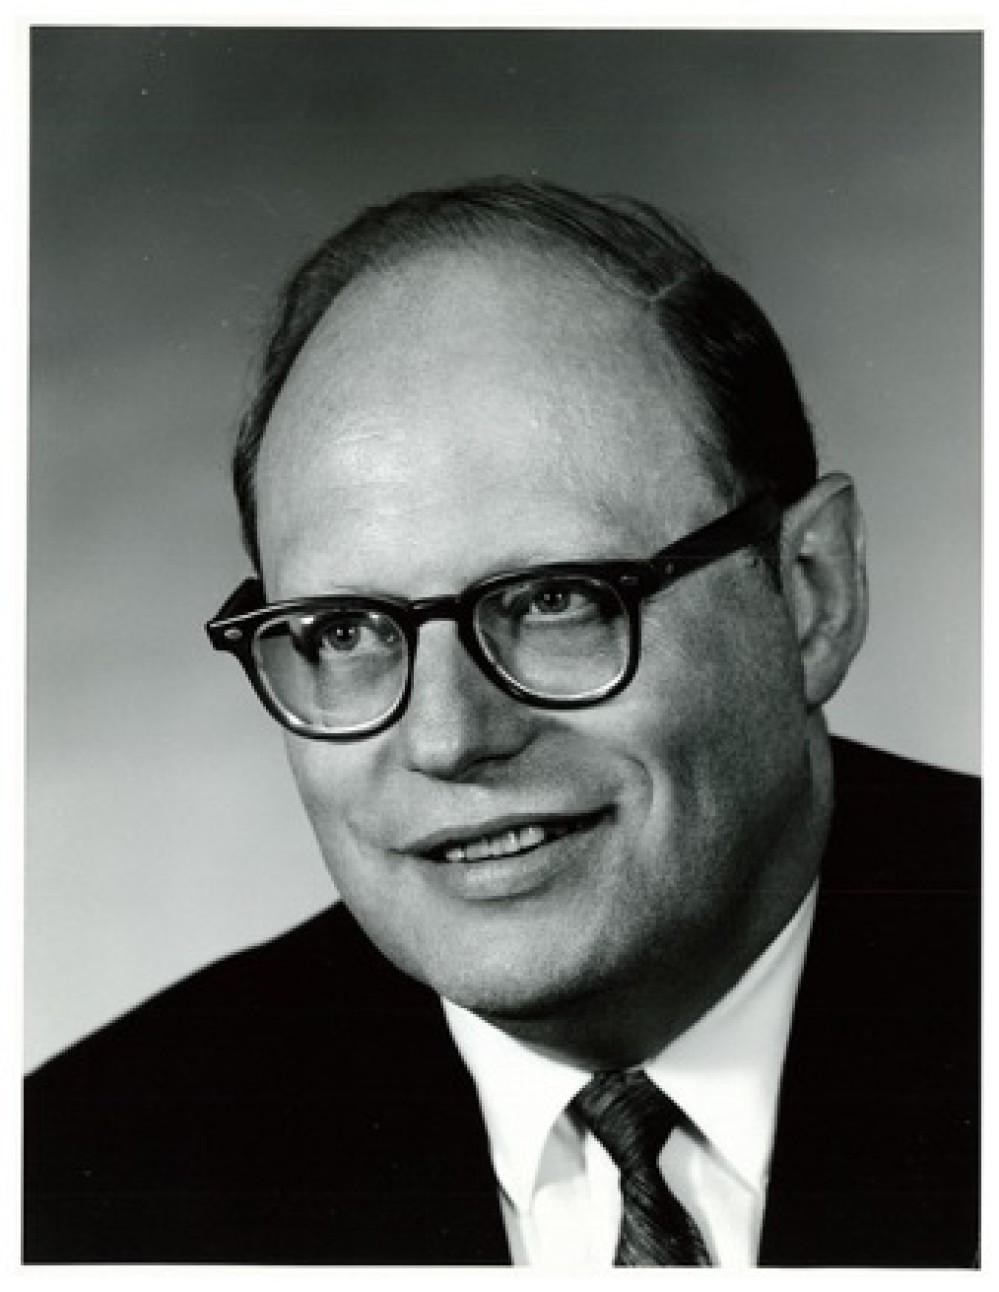 Απεβίωσε ο ιδρυτής του Xerox PARC Jacob Goldman